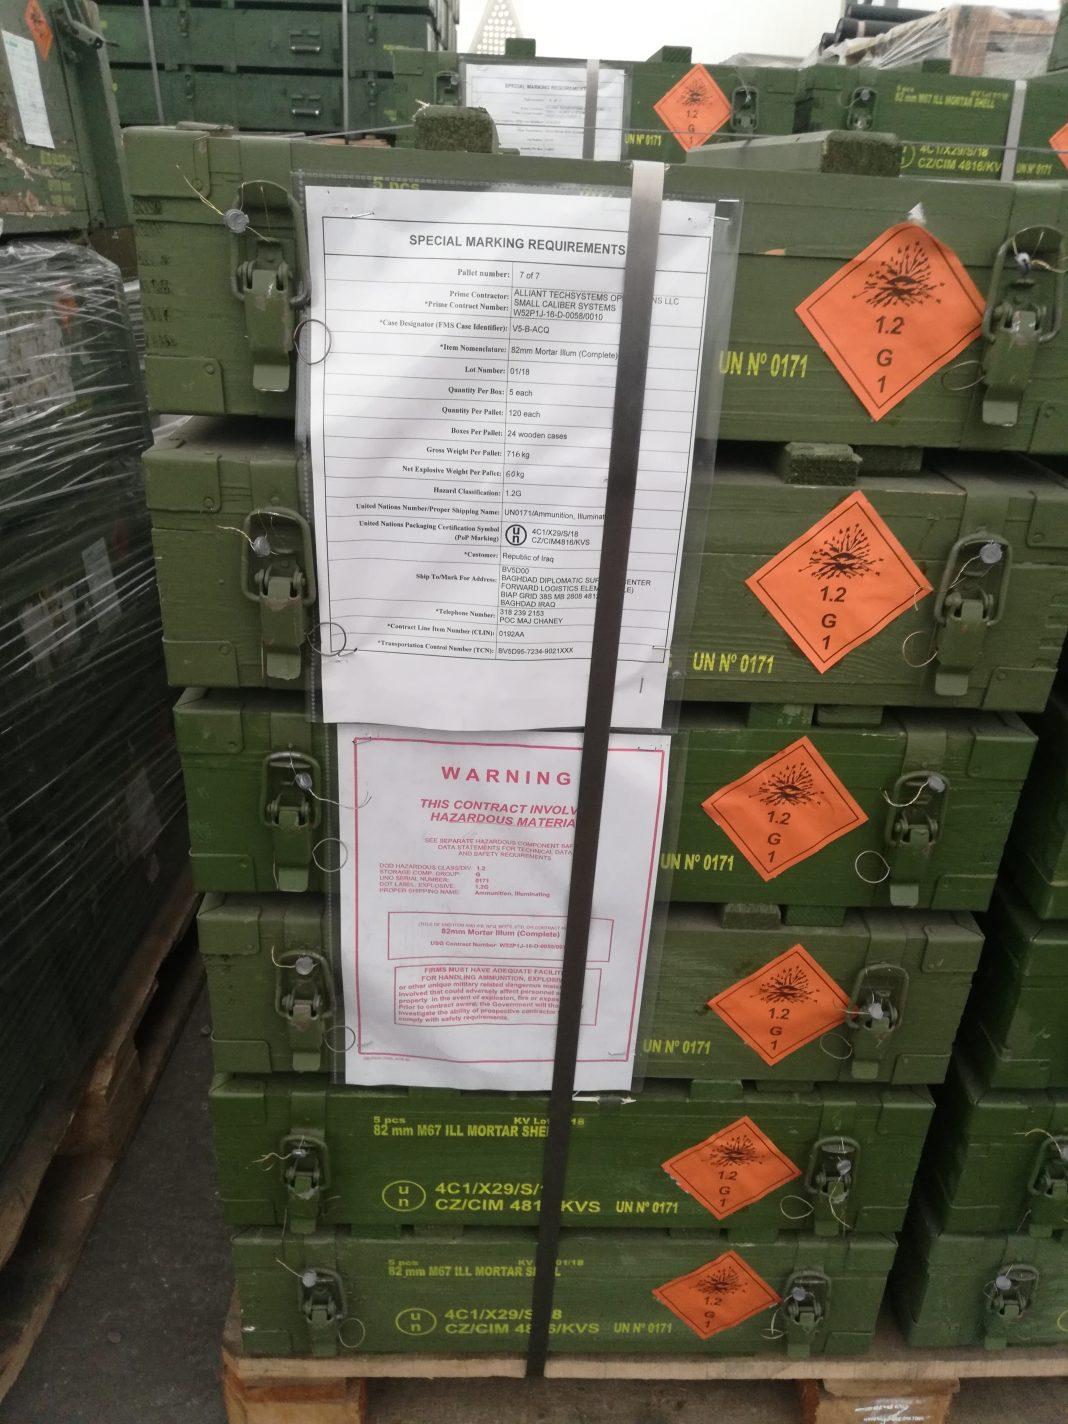 Mortar-shells-boxes-1068x1424